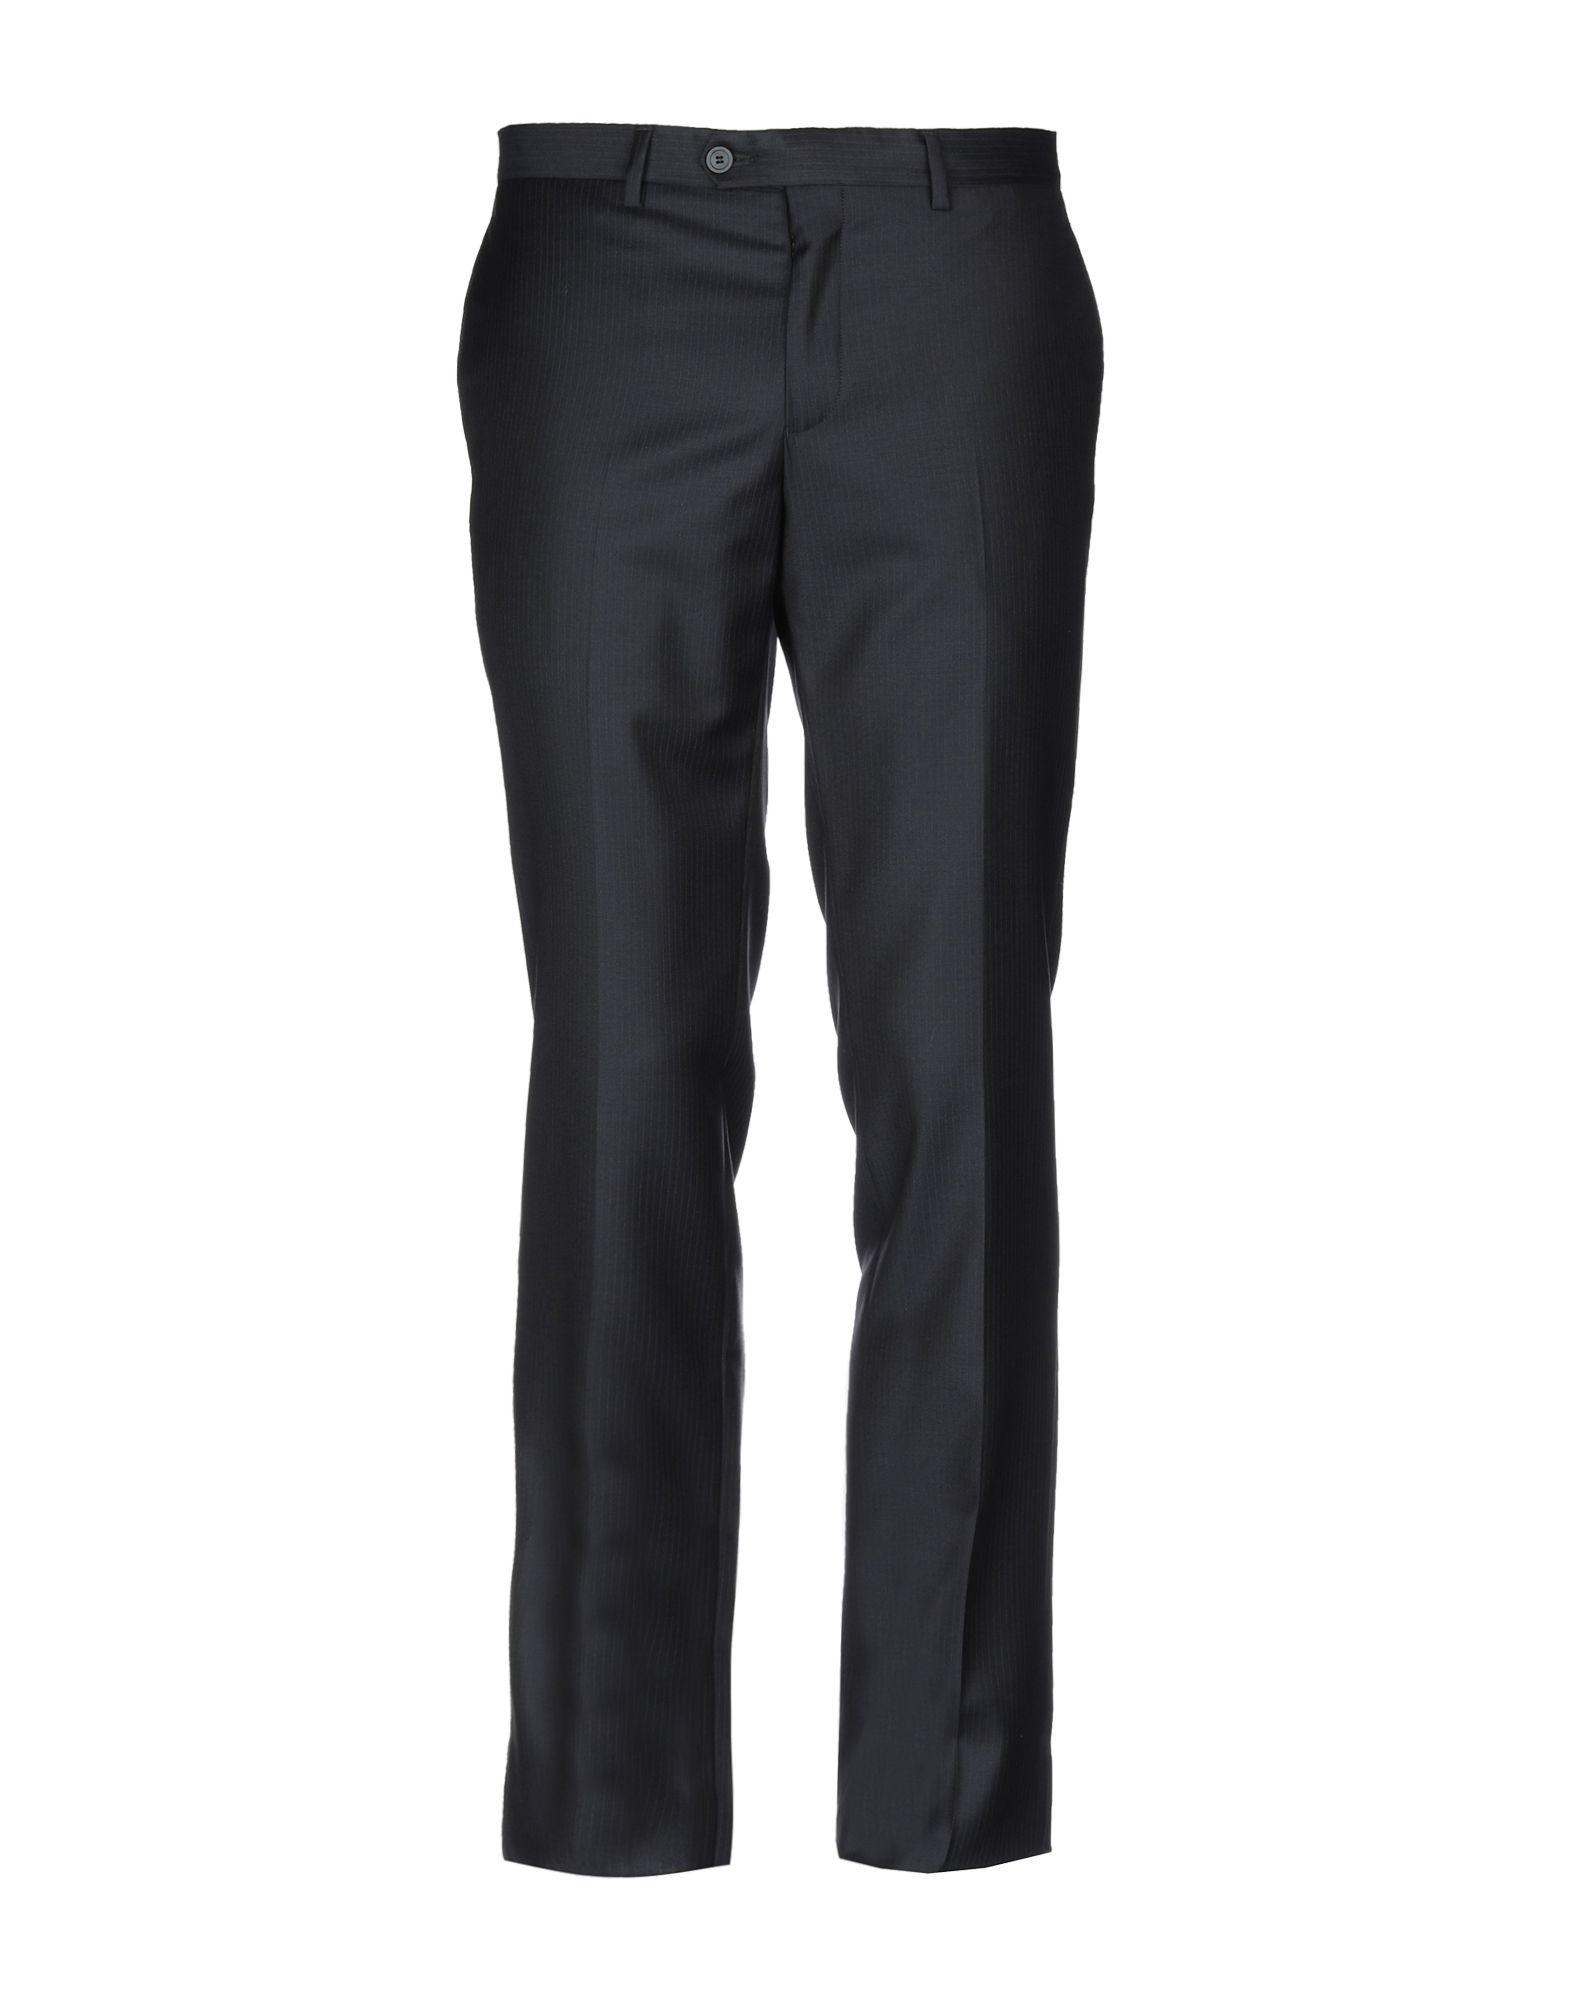 《送料無料》EMPORIO ARMANI メンズ パンツ ダークブルー 50 バージンウール 100%